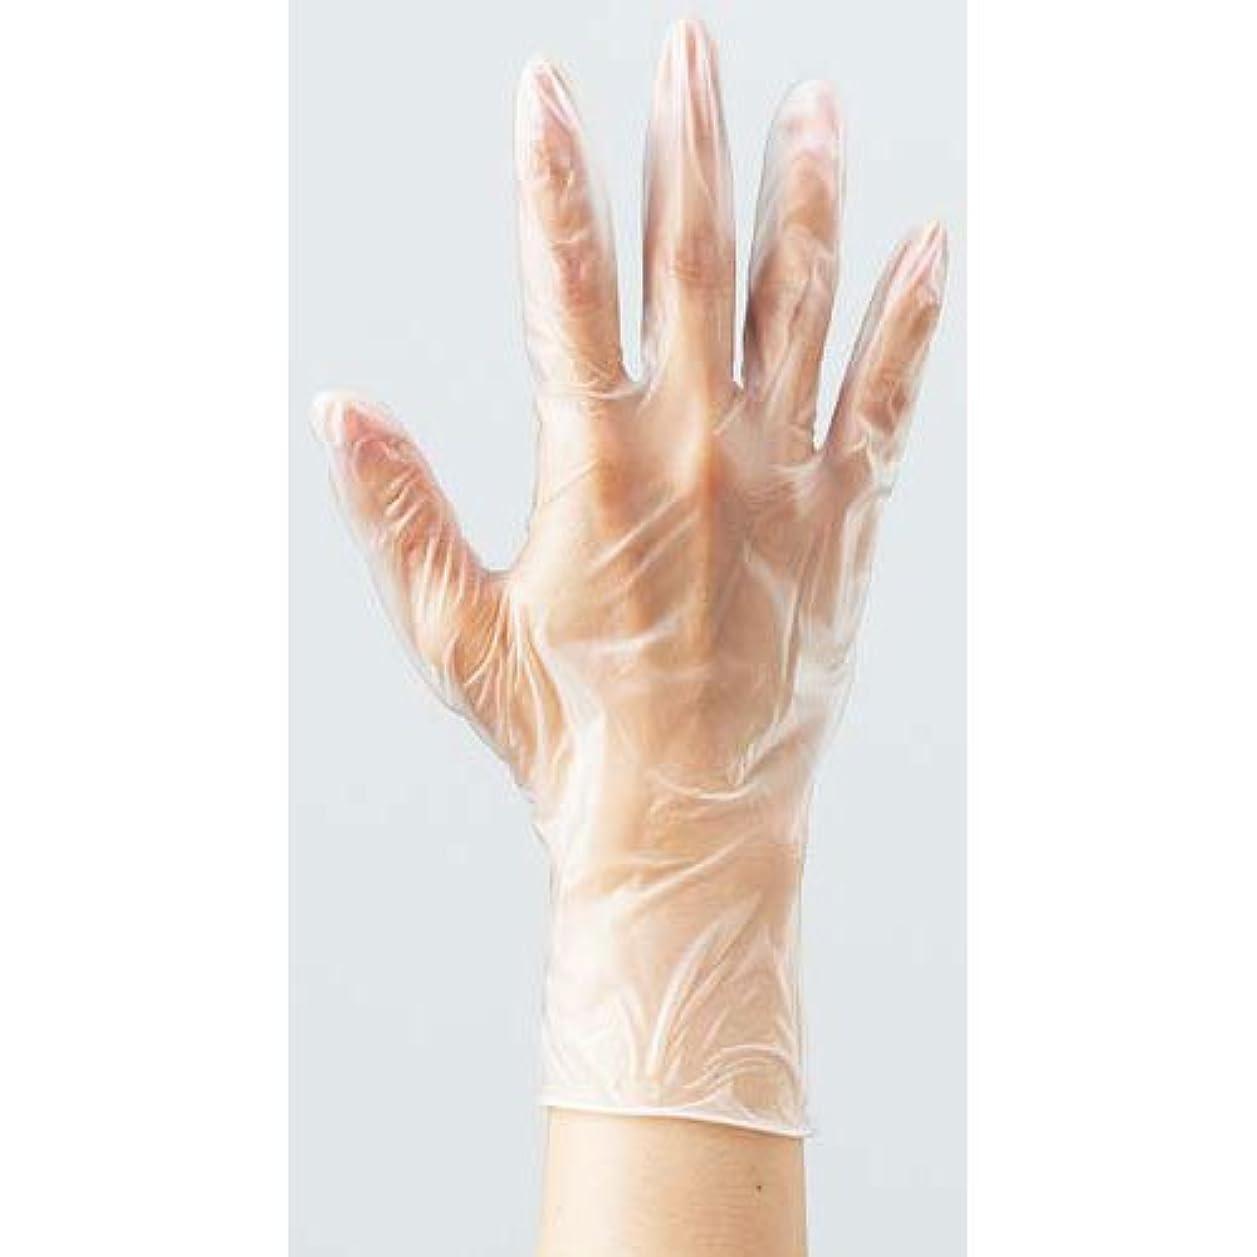 肉腫リスキーないたずらなカウネット プラスチック手袋 袋入 粉無L 100枚×30